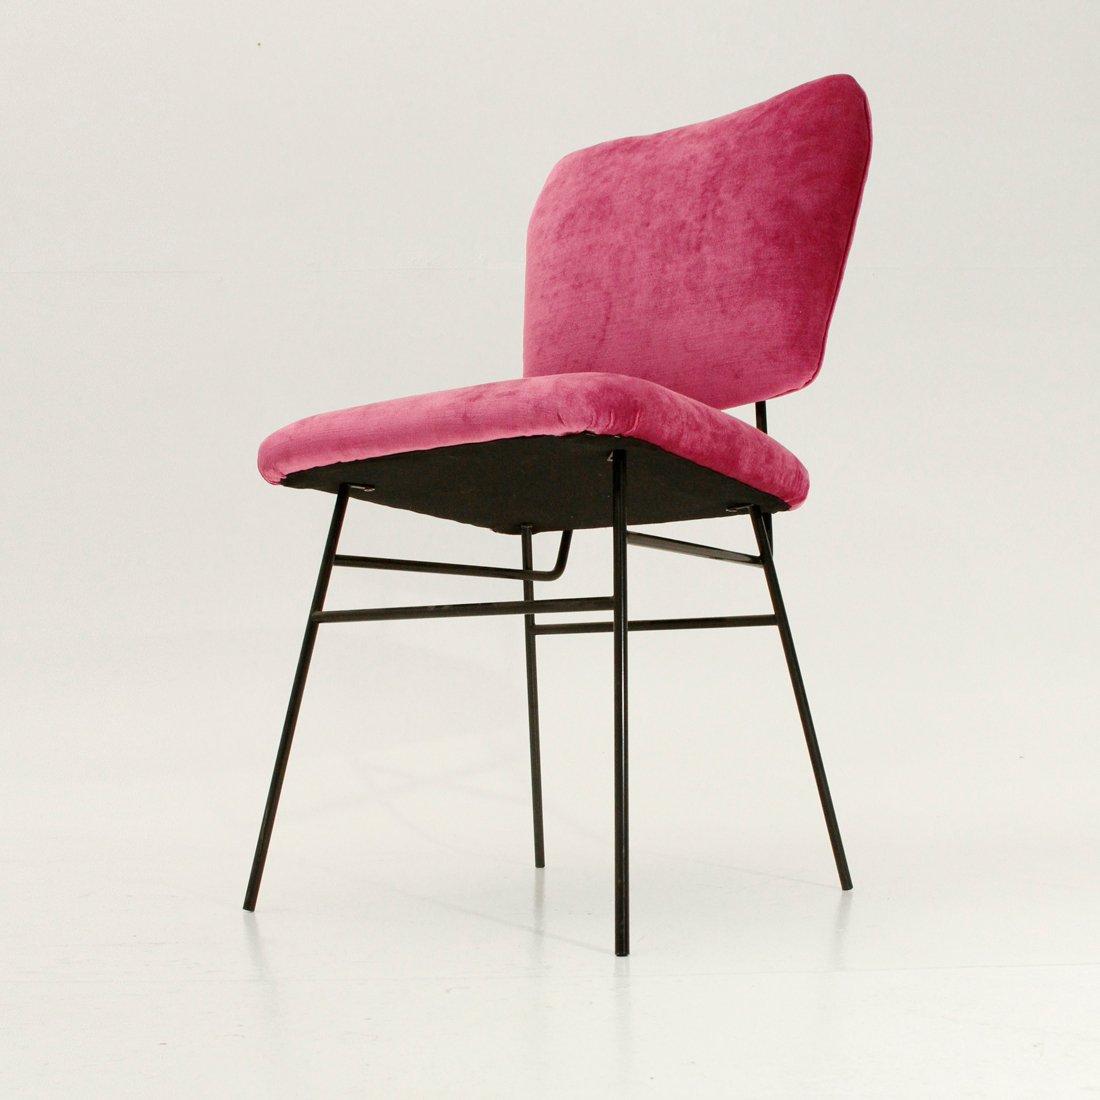 italienischer stuhl mit samtbezug in pink 1950er bei. Black Bedroom Furniture Sets. Home Design Ideas